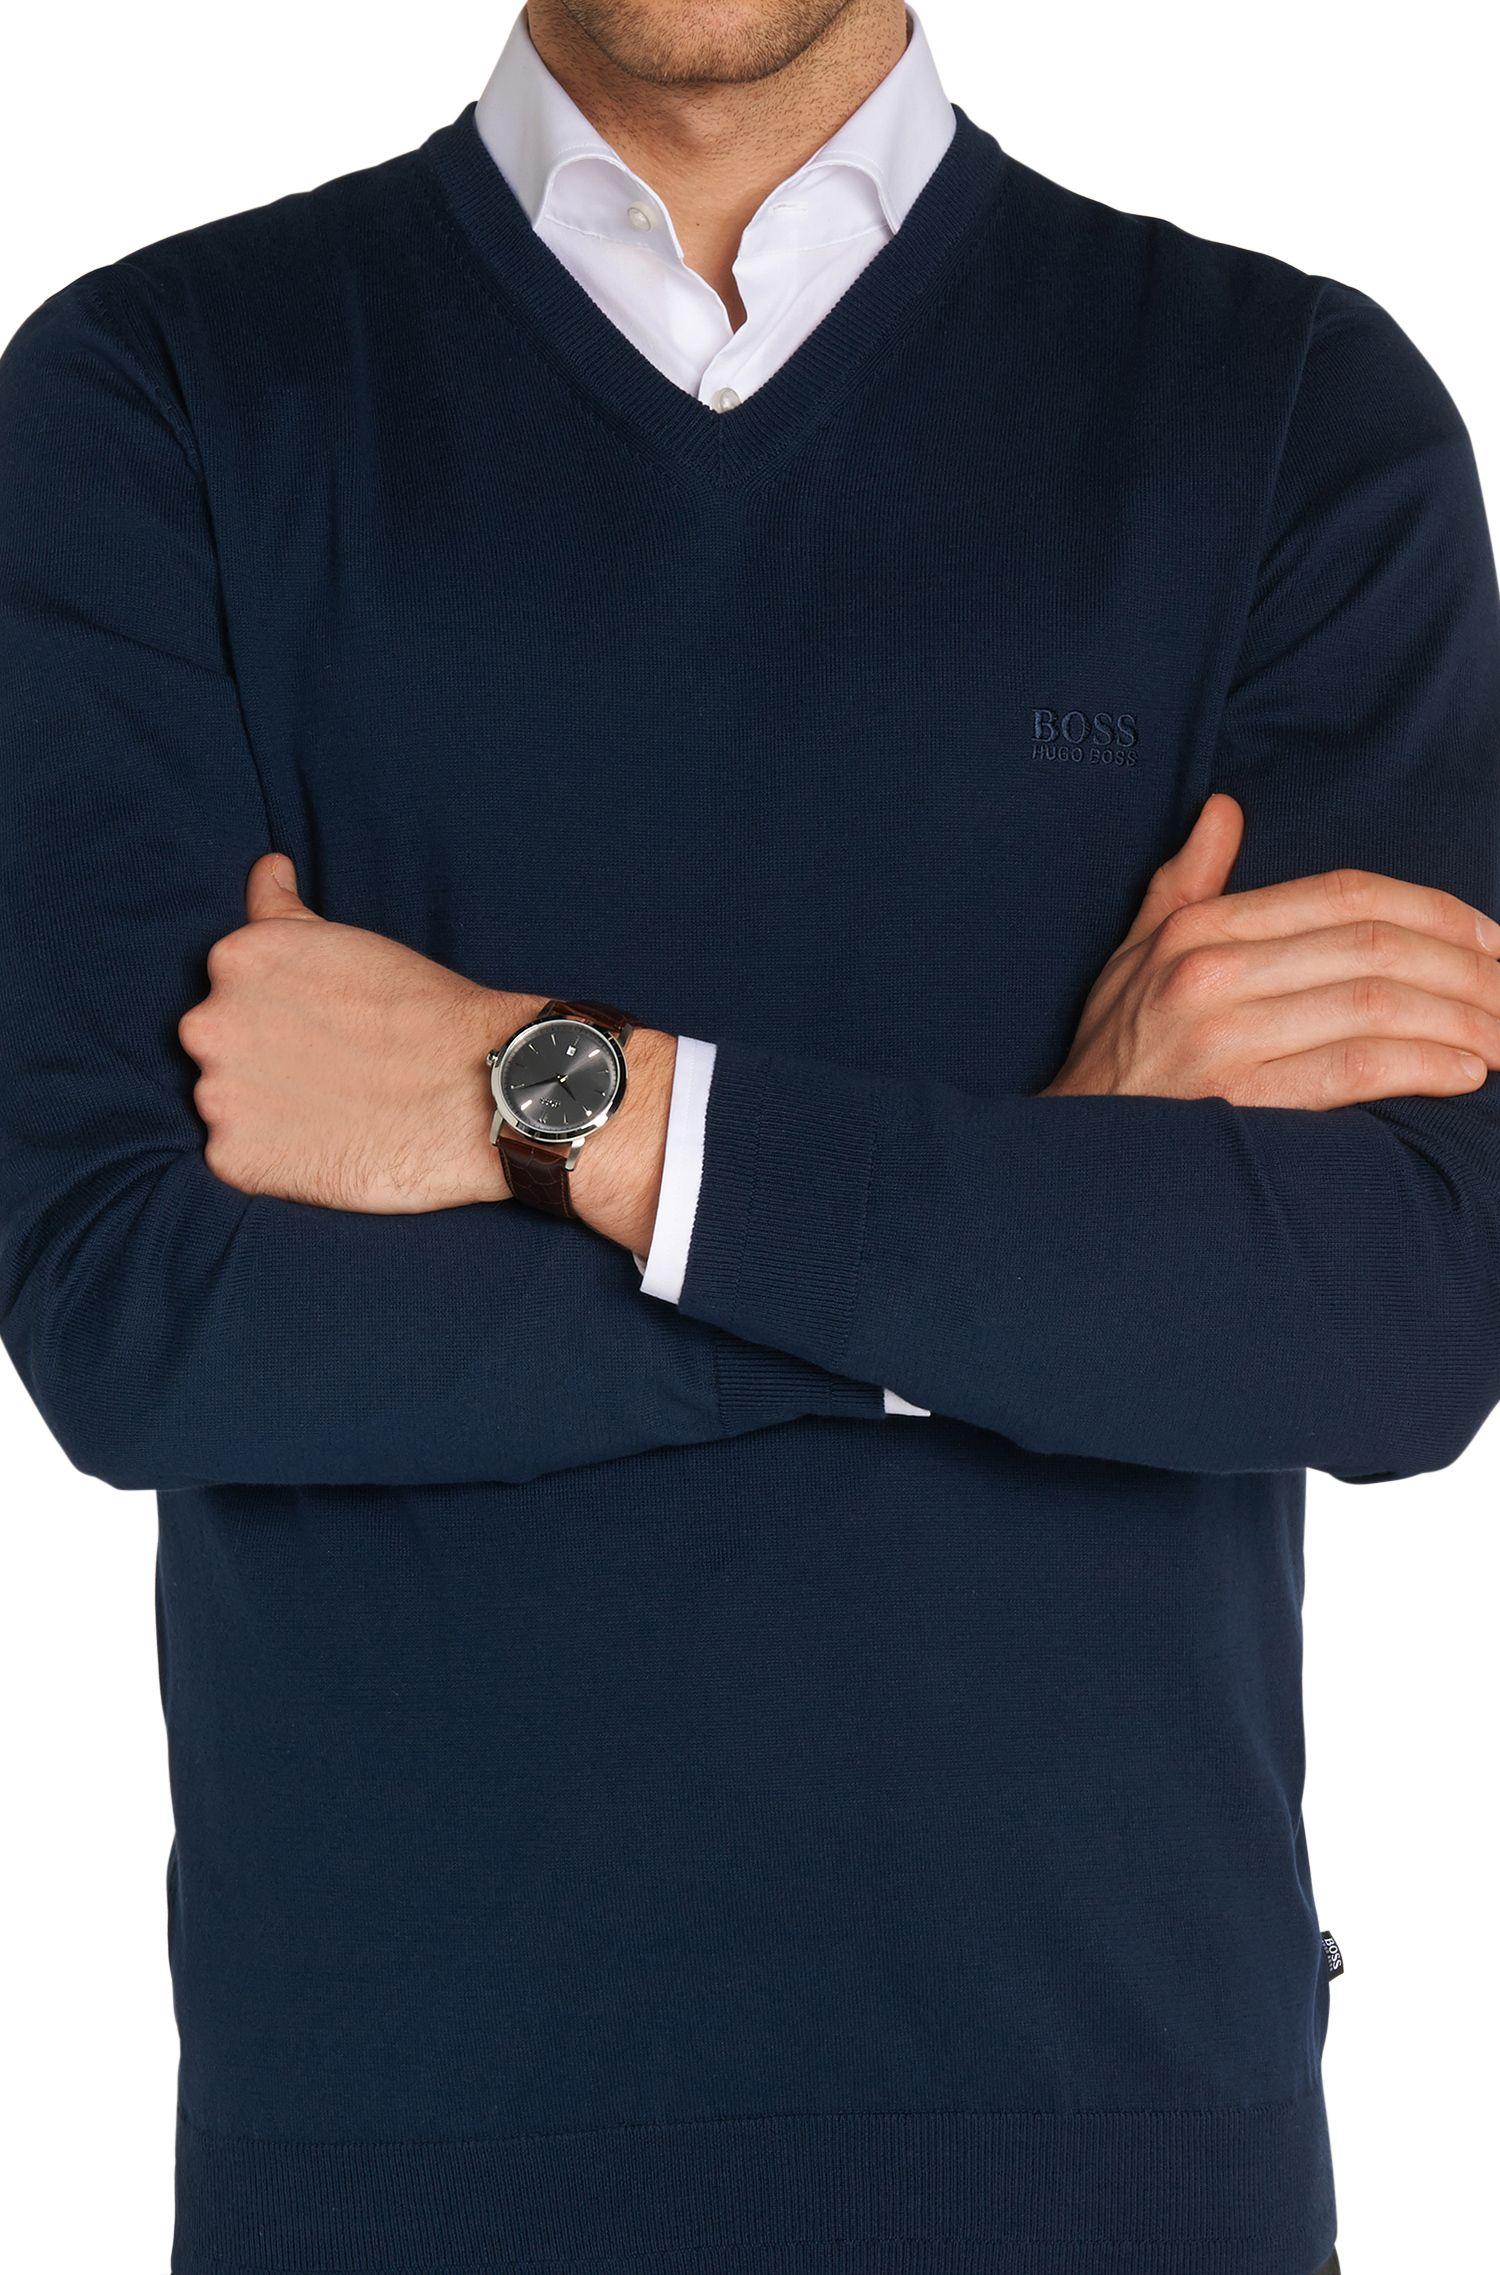 Montre-bracelet «HB1013» avec bracelet en cuir